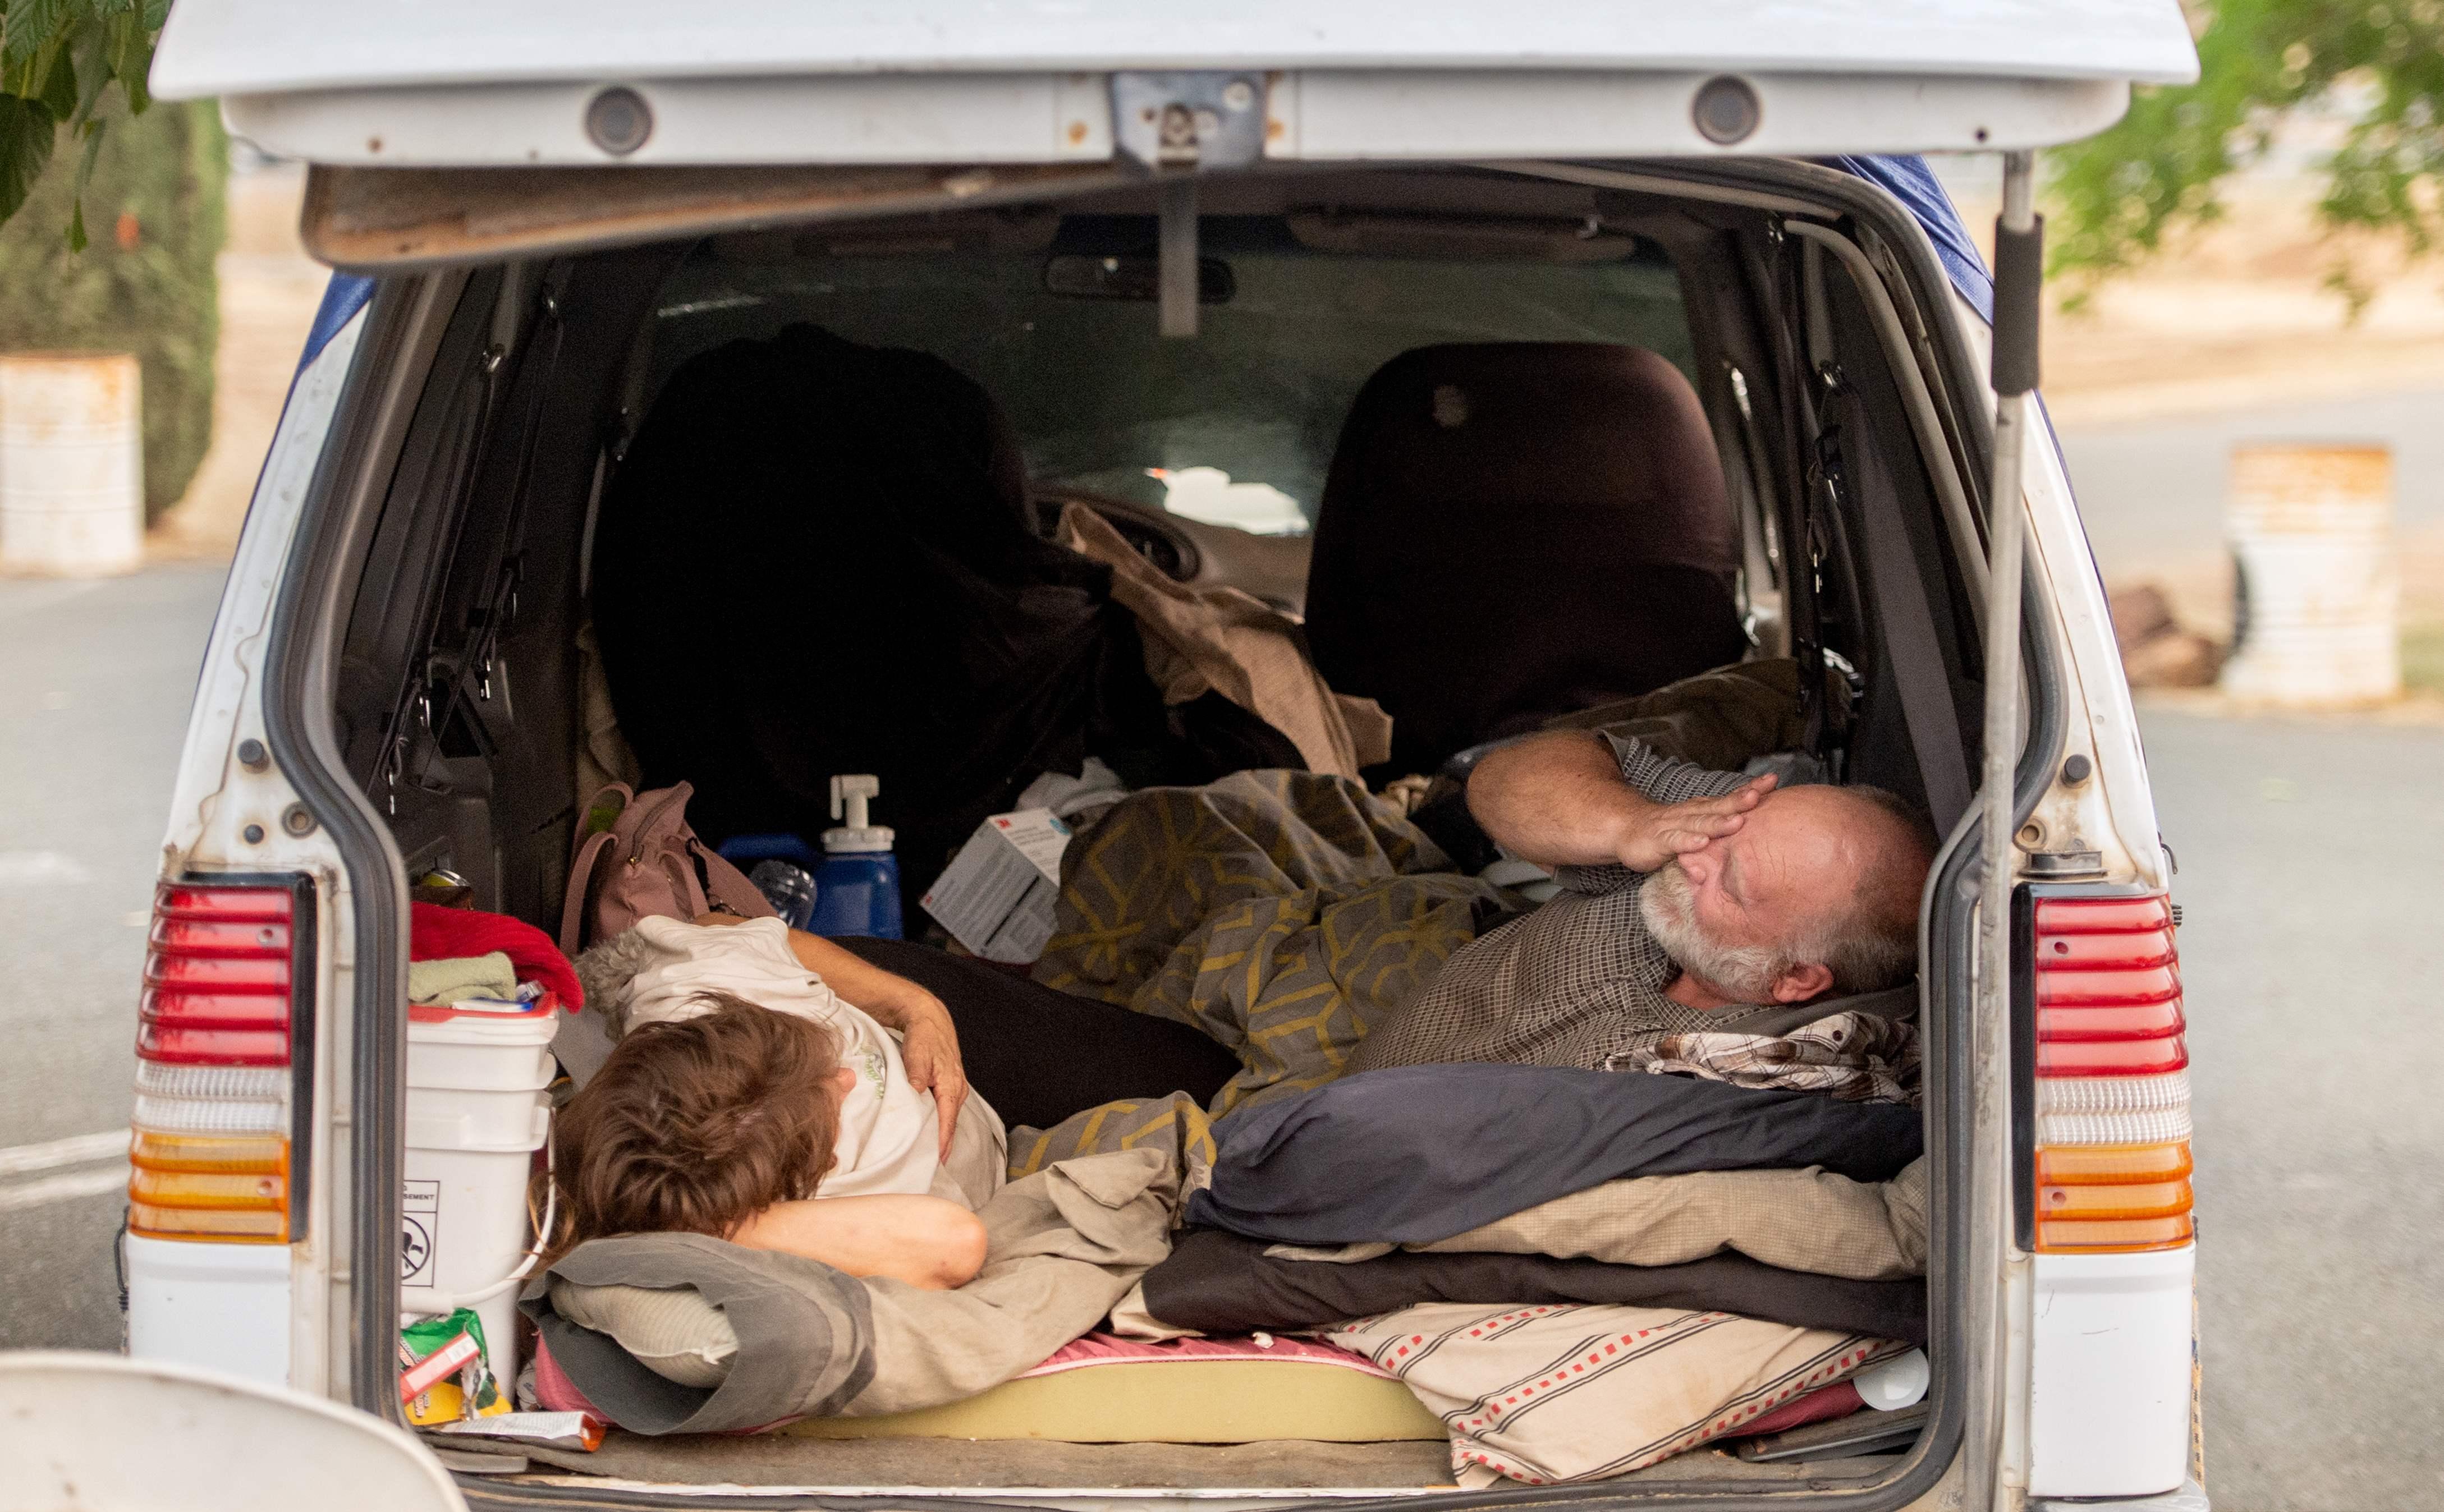 السيارات مسكن لمواطنين أمريكيين بعد احتراق منزلهم